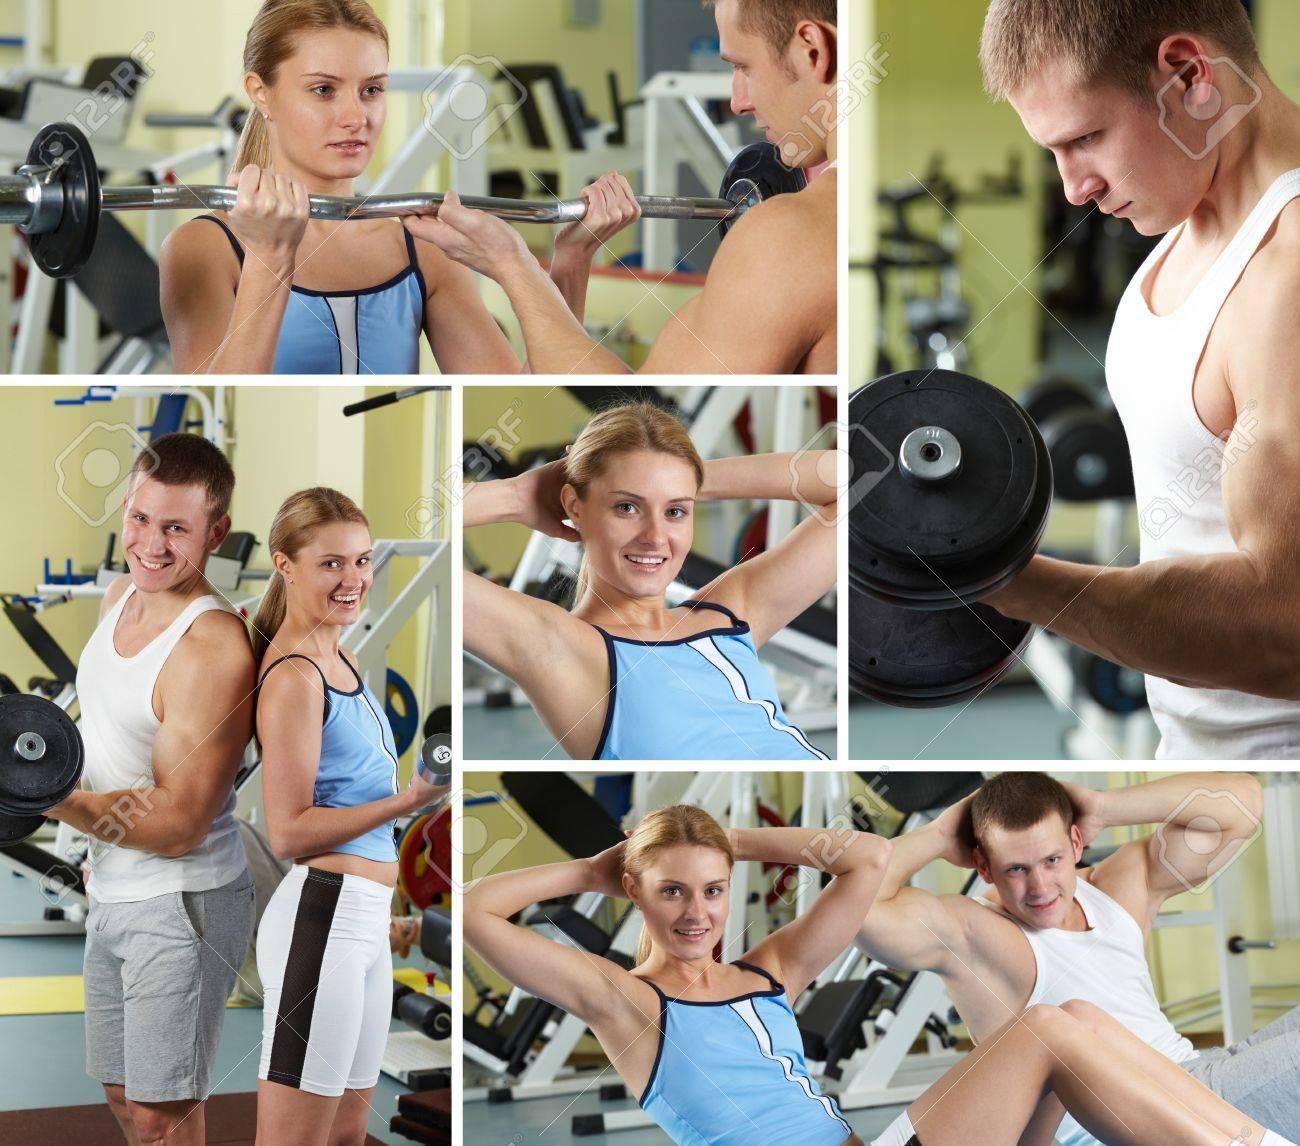 Скачать спортивный коллаж из фотографий онлайн